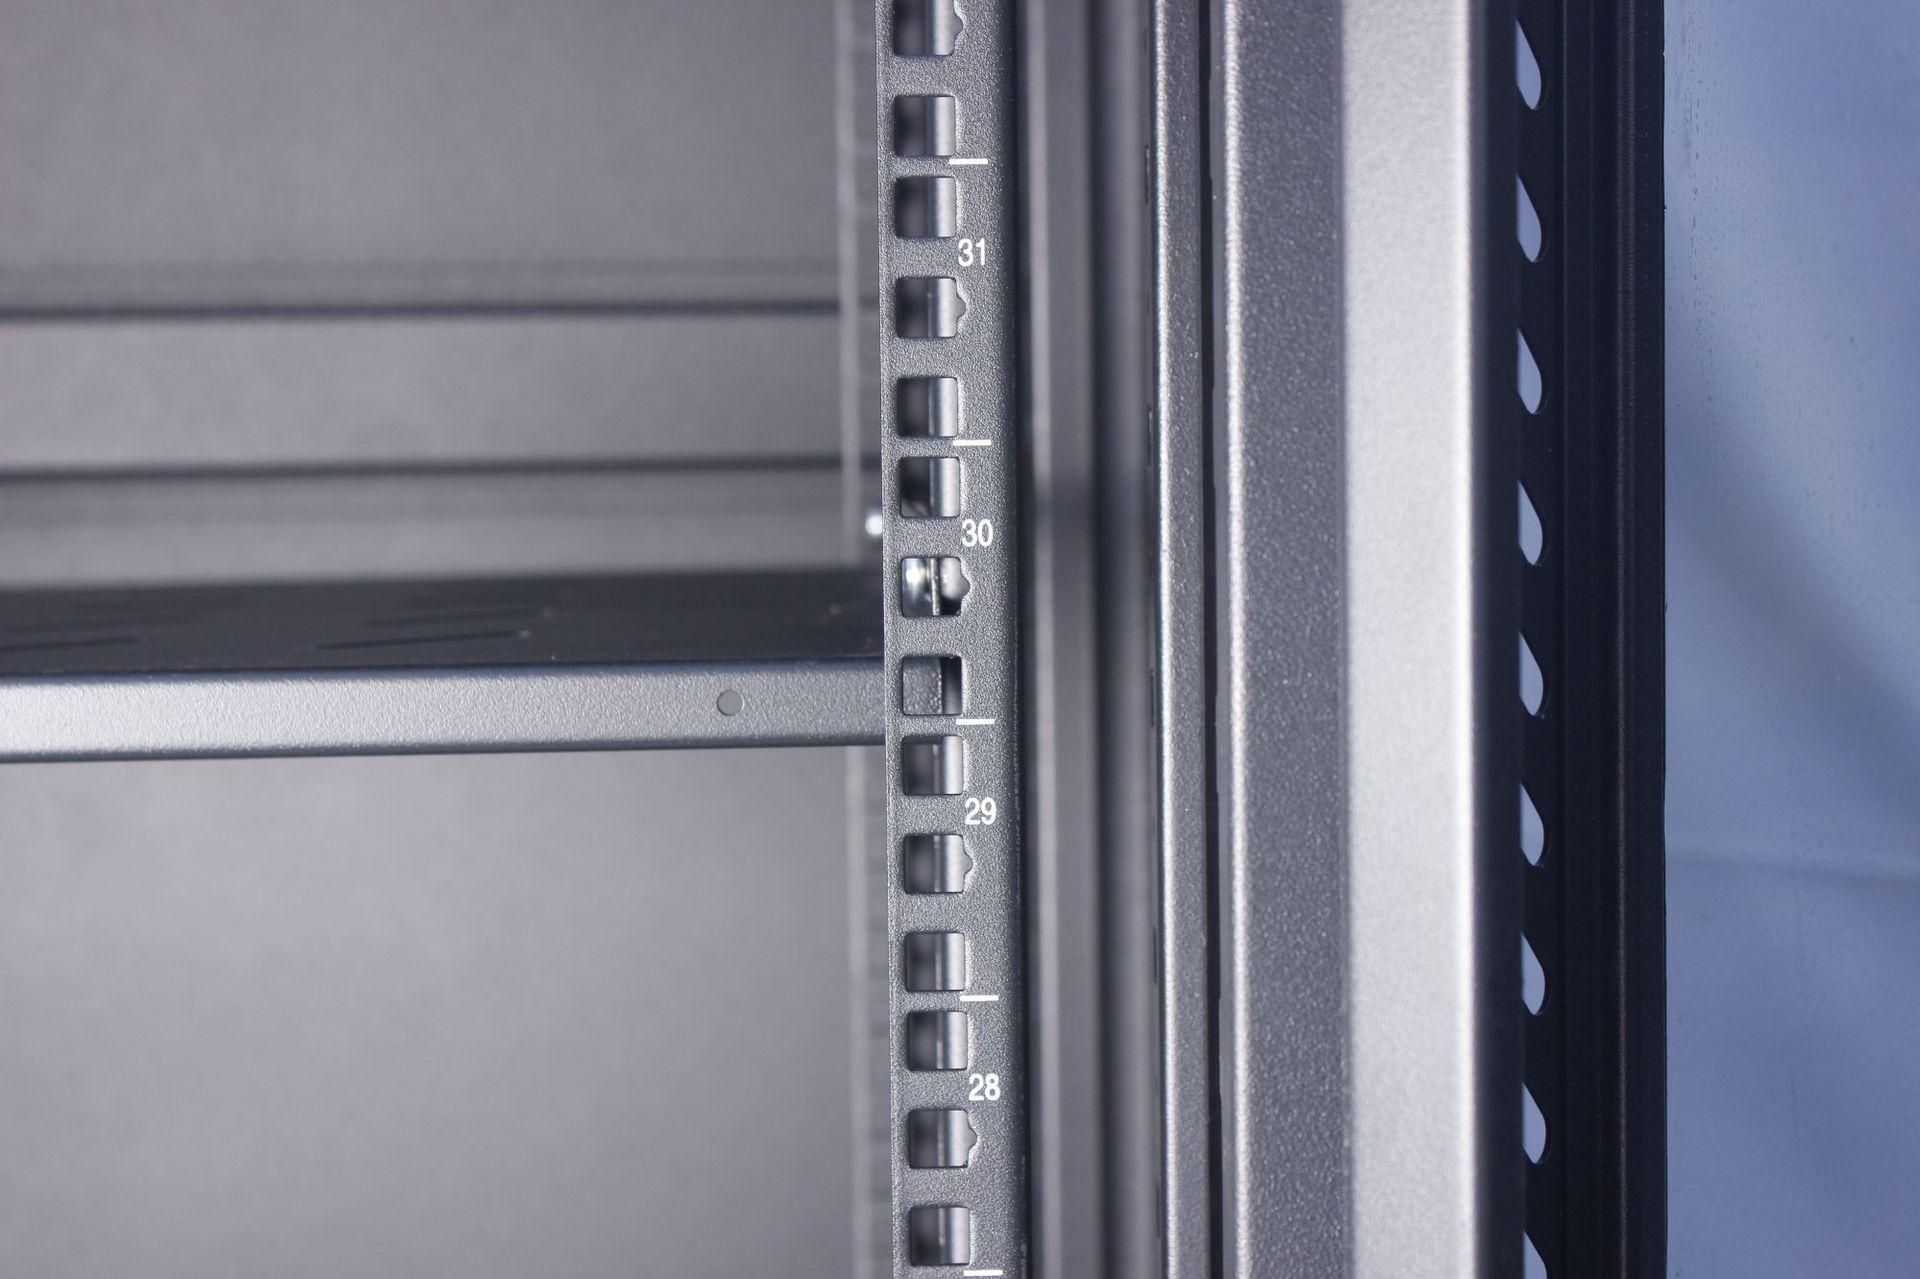 19寸机柜尺寸_标准服务器机柜_美度网络机柜 厂家直销42u标准服务器2米立式 ...